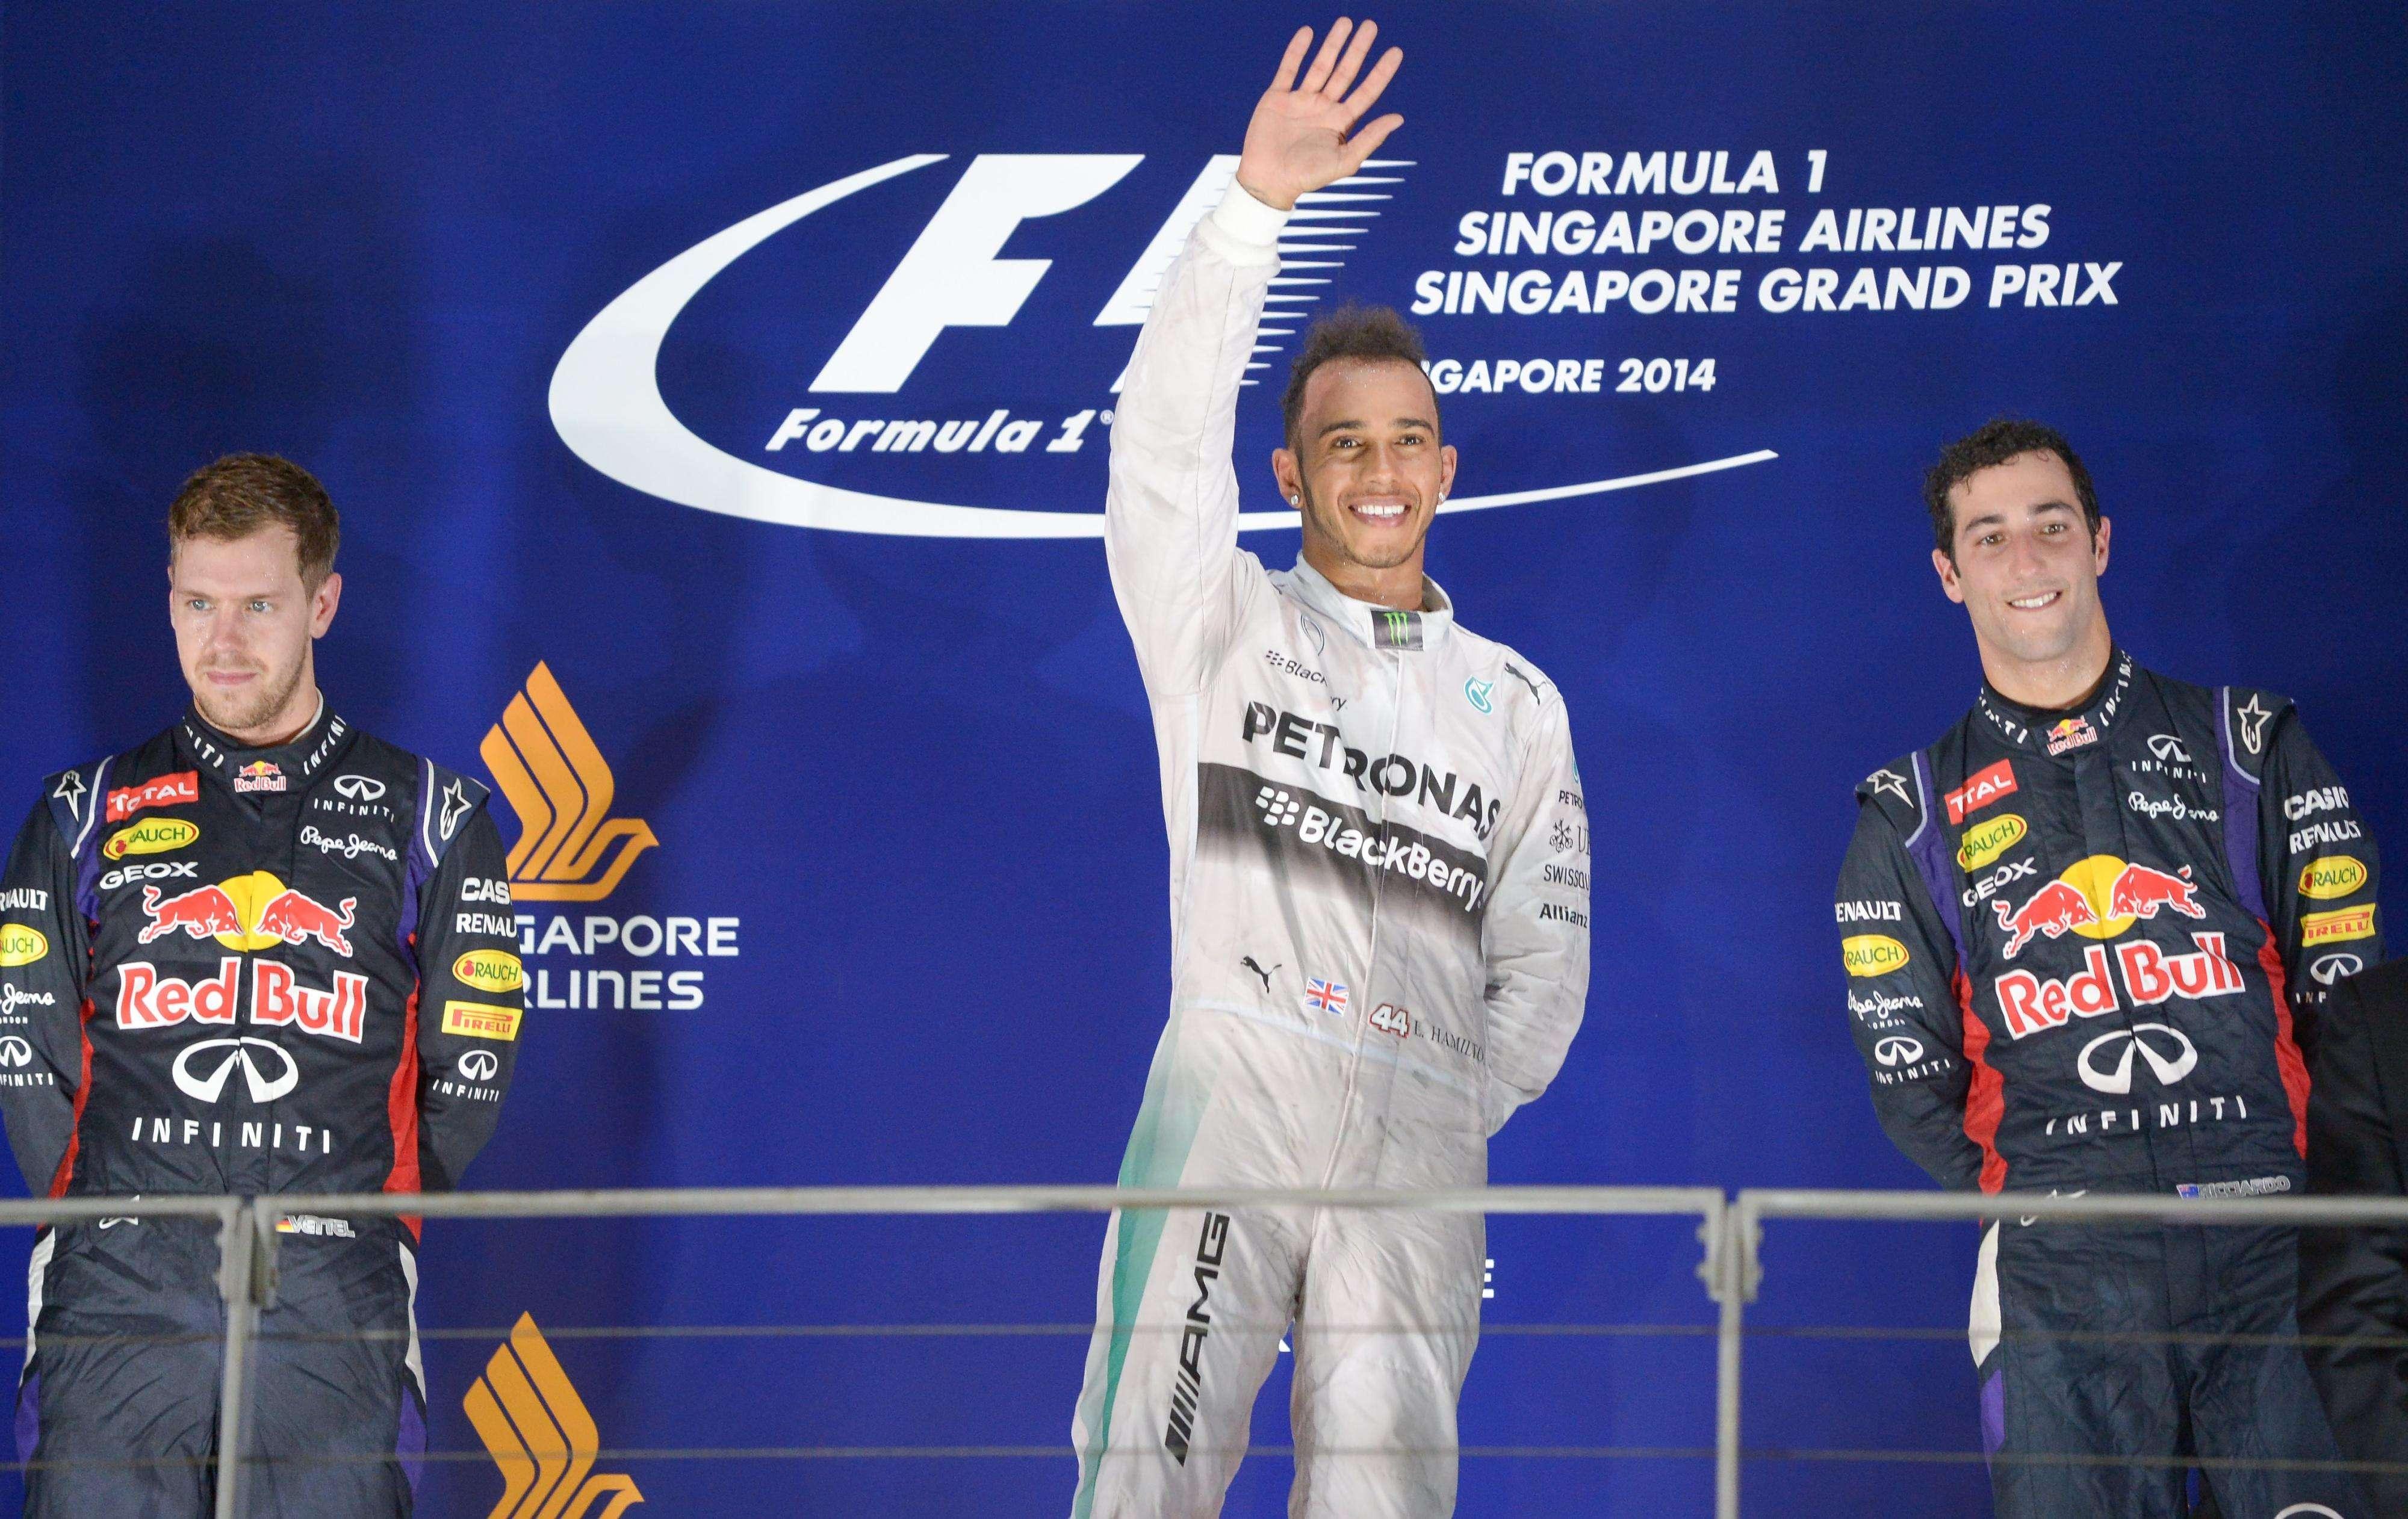 Hamilton agradece torcida depois de vencer GP na Ásia Foto: Mohd Rasfan/AFP